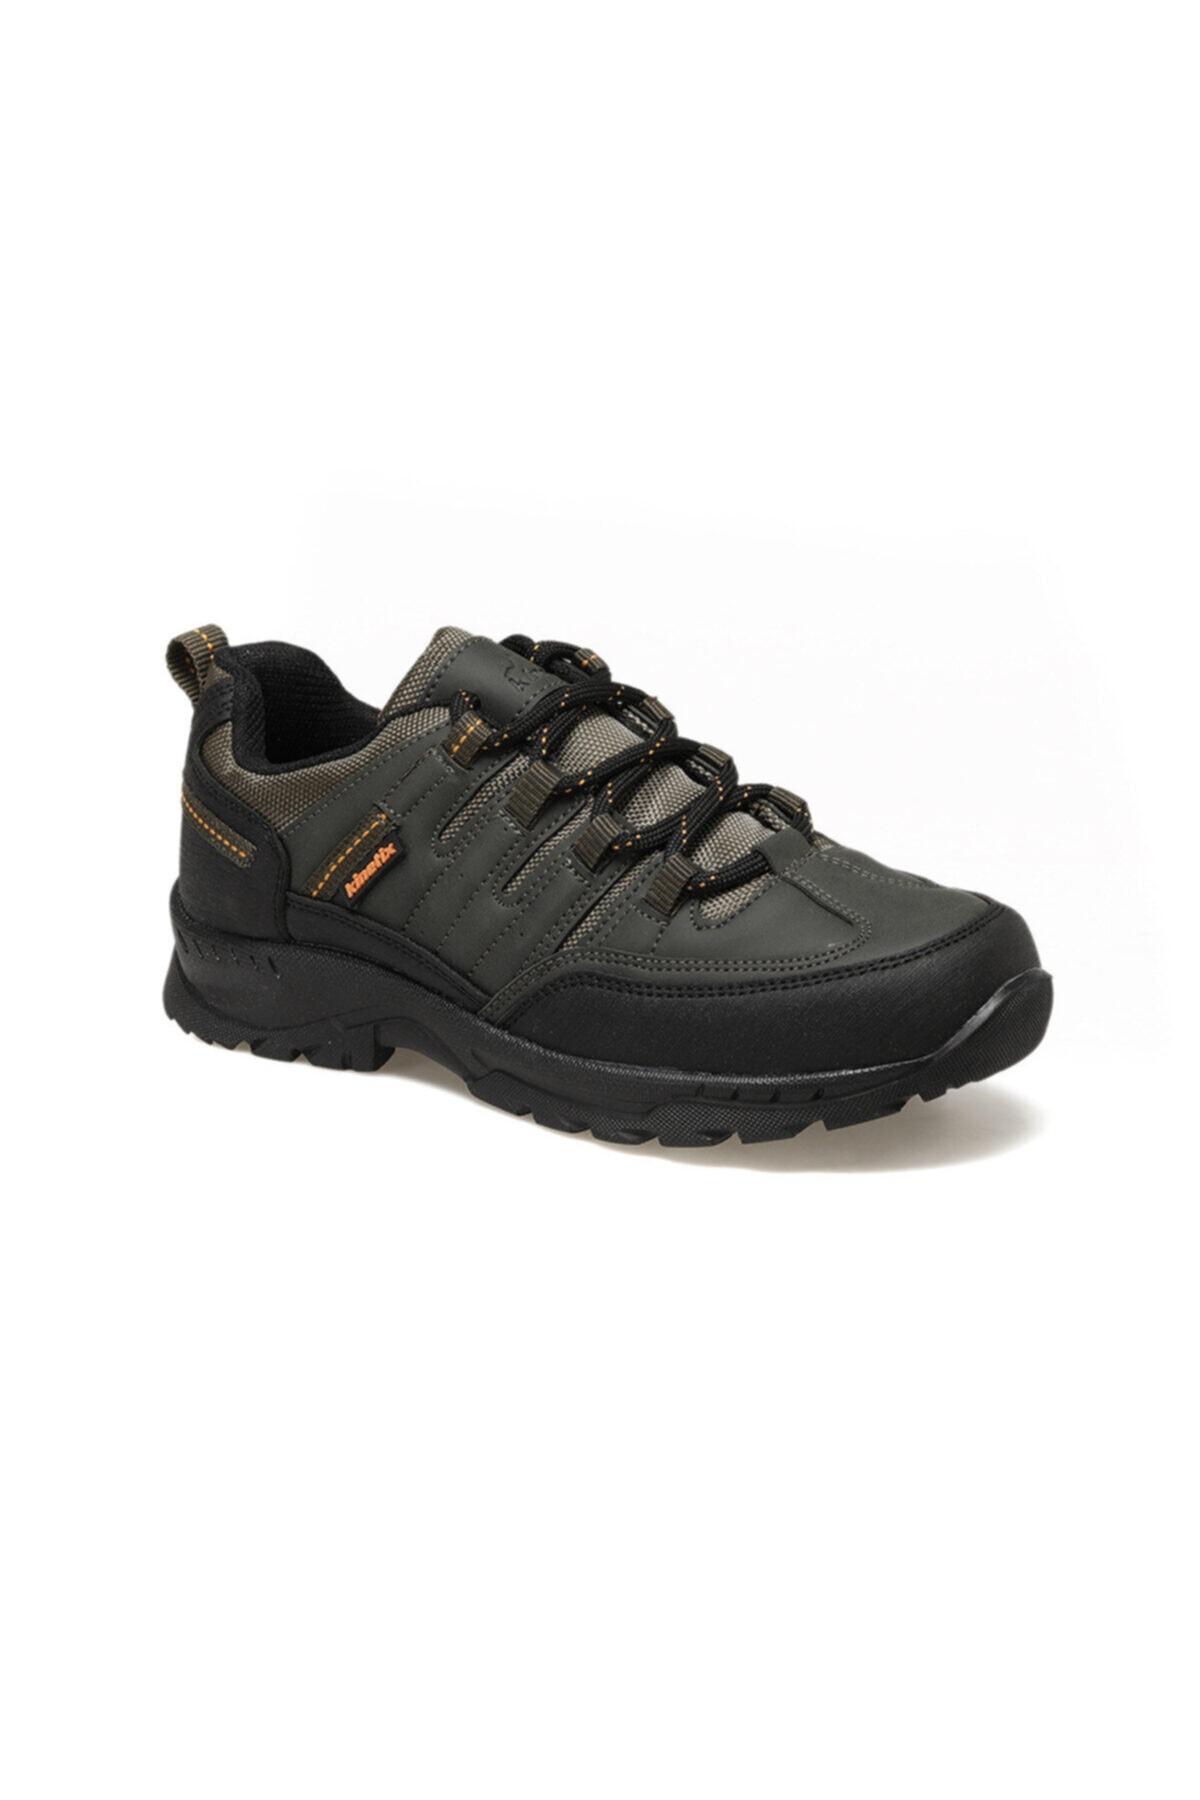 خرید نقدی کفش کوهنوردی مردانه  برند کینتیکس kinetix رنگ خاکی کد ty2295568